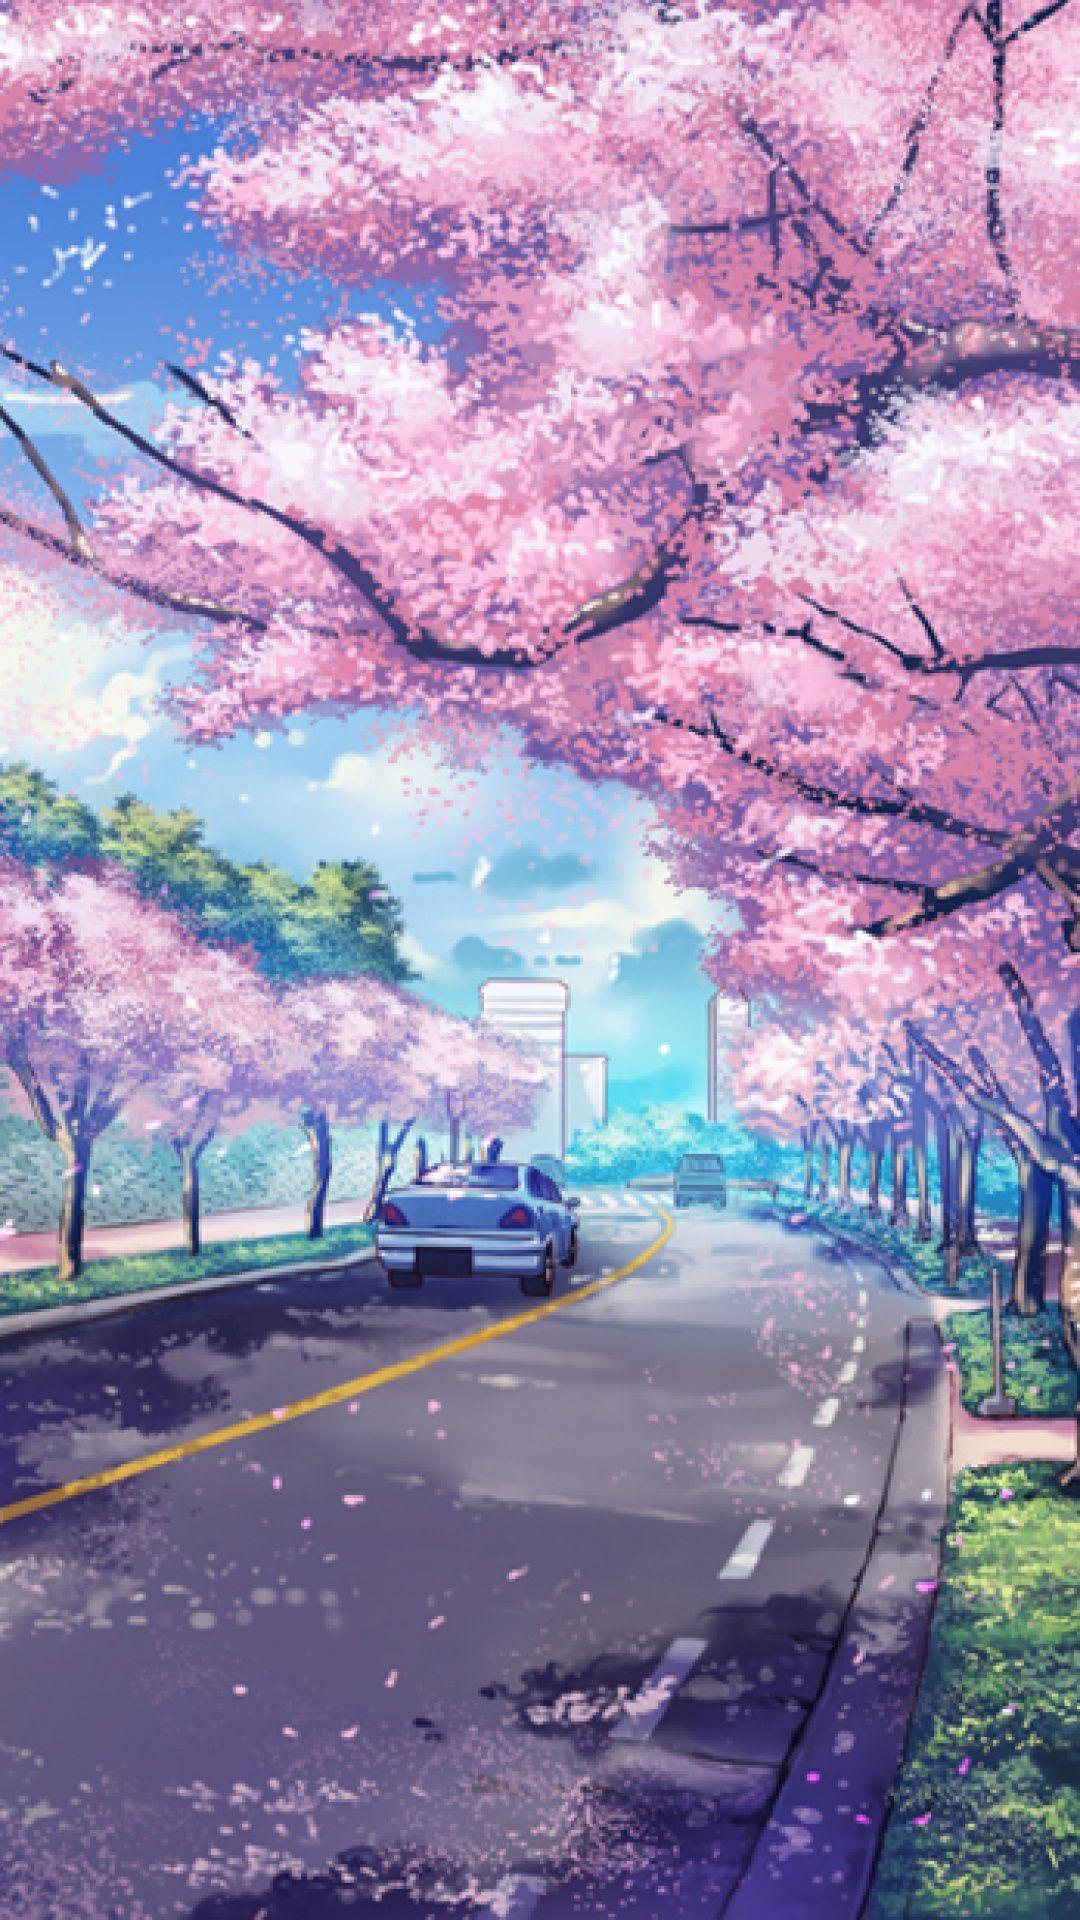 Hình nền anime cho Android